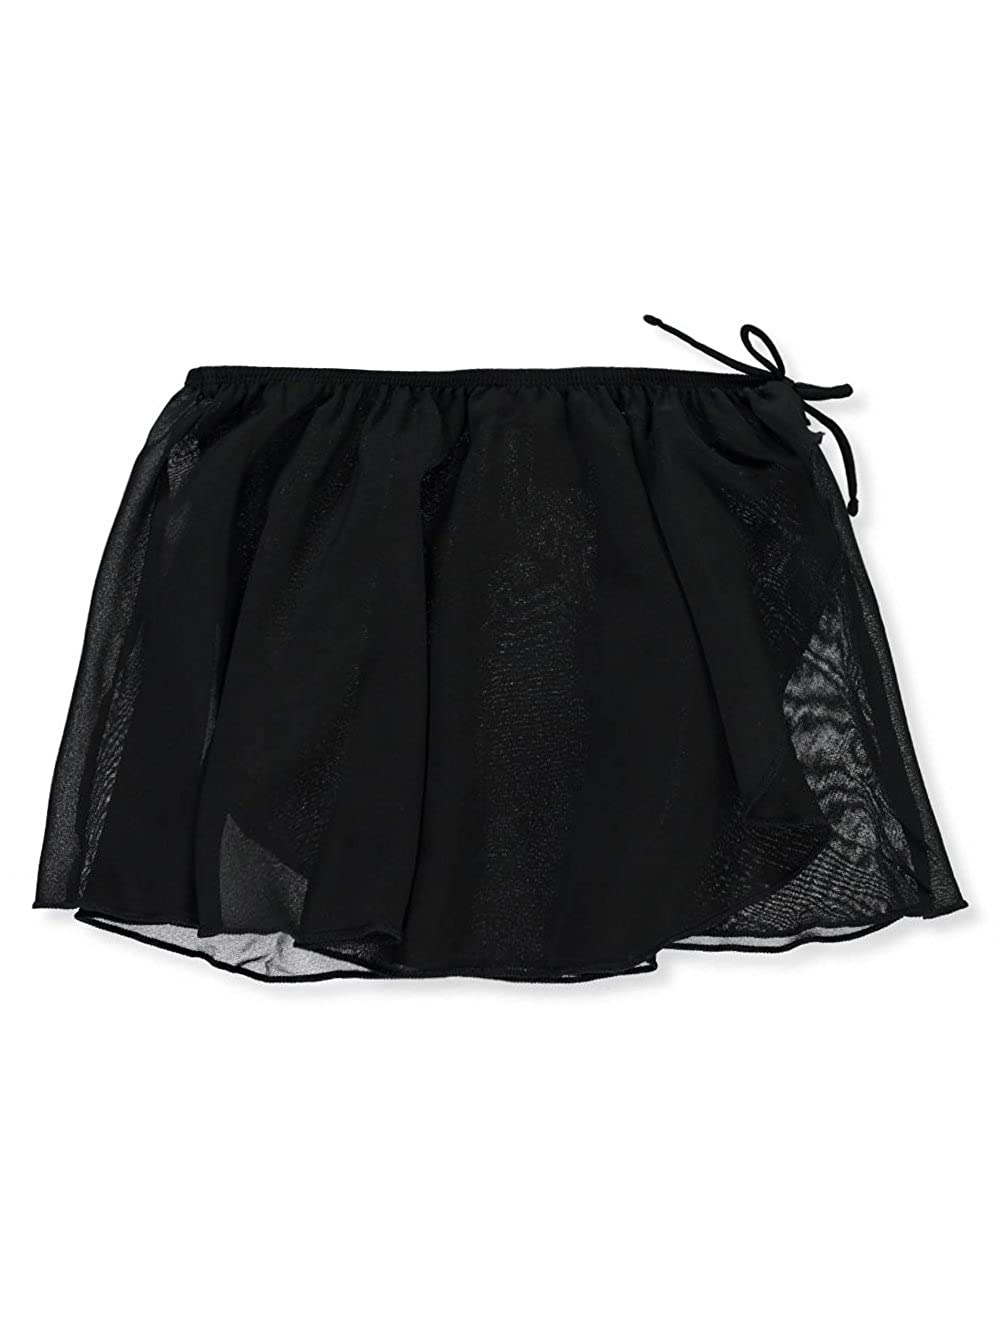 Marilyn Taylor Girls' Dance/Ballet Skirt